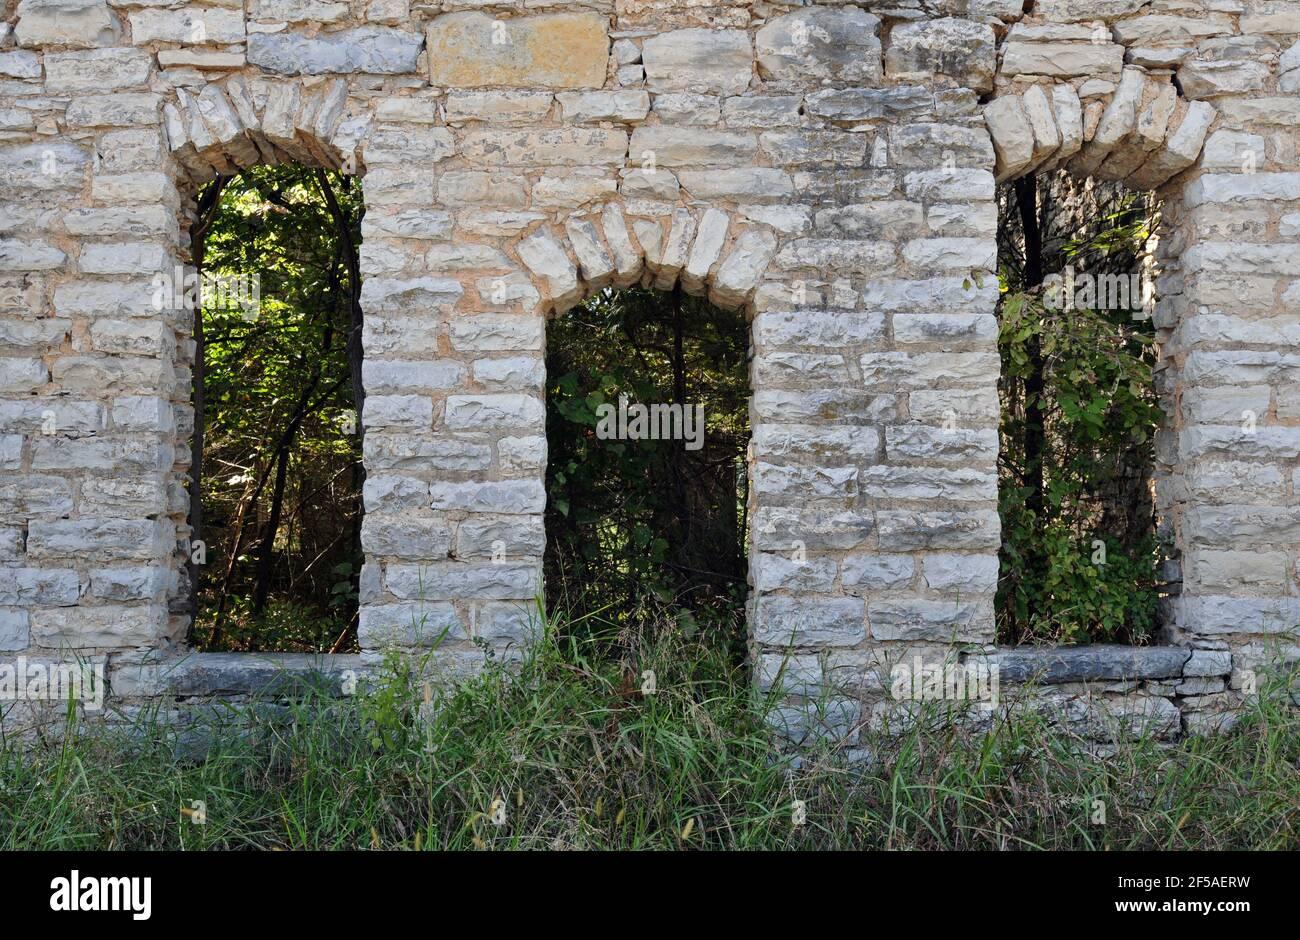 La puerta de piedra arqueada y ventanas en las ruinas de una antigua tienda general en la antigua Ruta 66 en plano, Missouri. Foto de stock